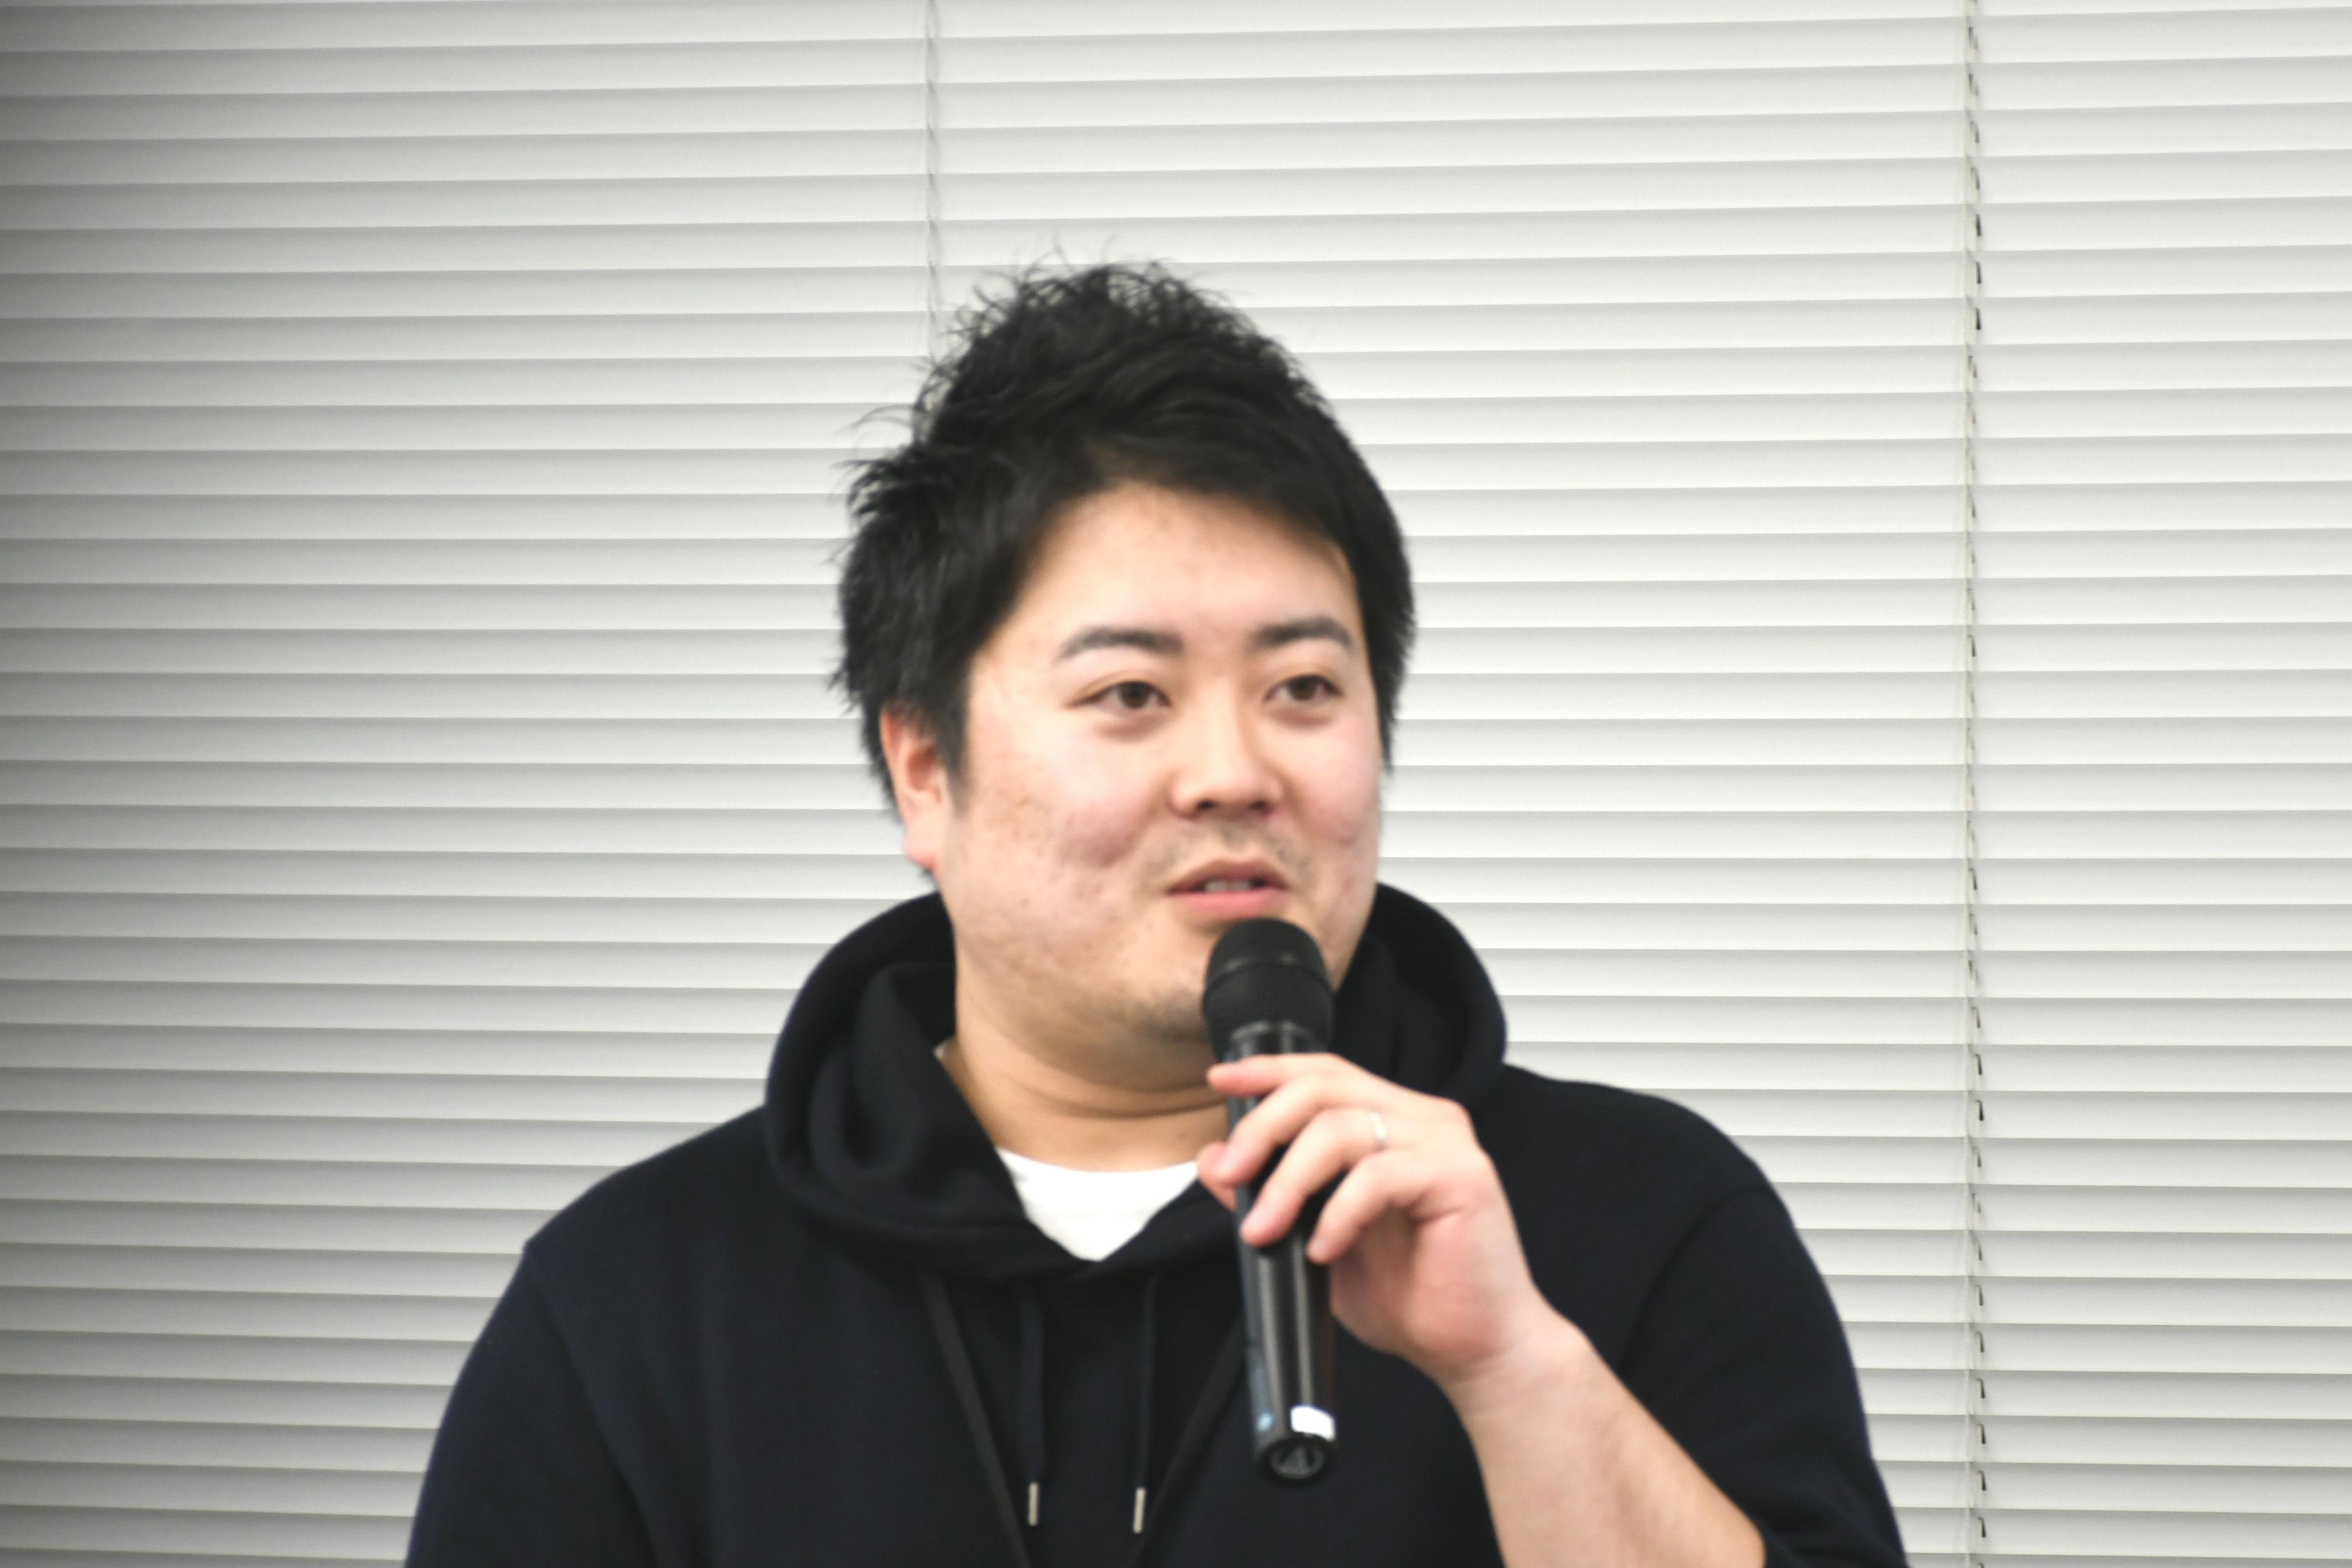 株式会社MyRefer 細田亮佑(ほそだりょうすけ)氏